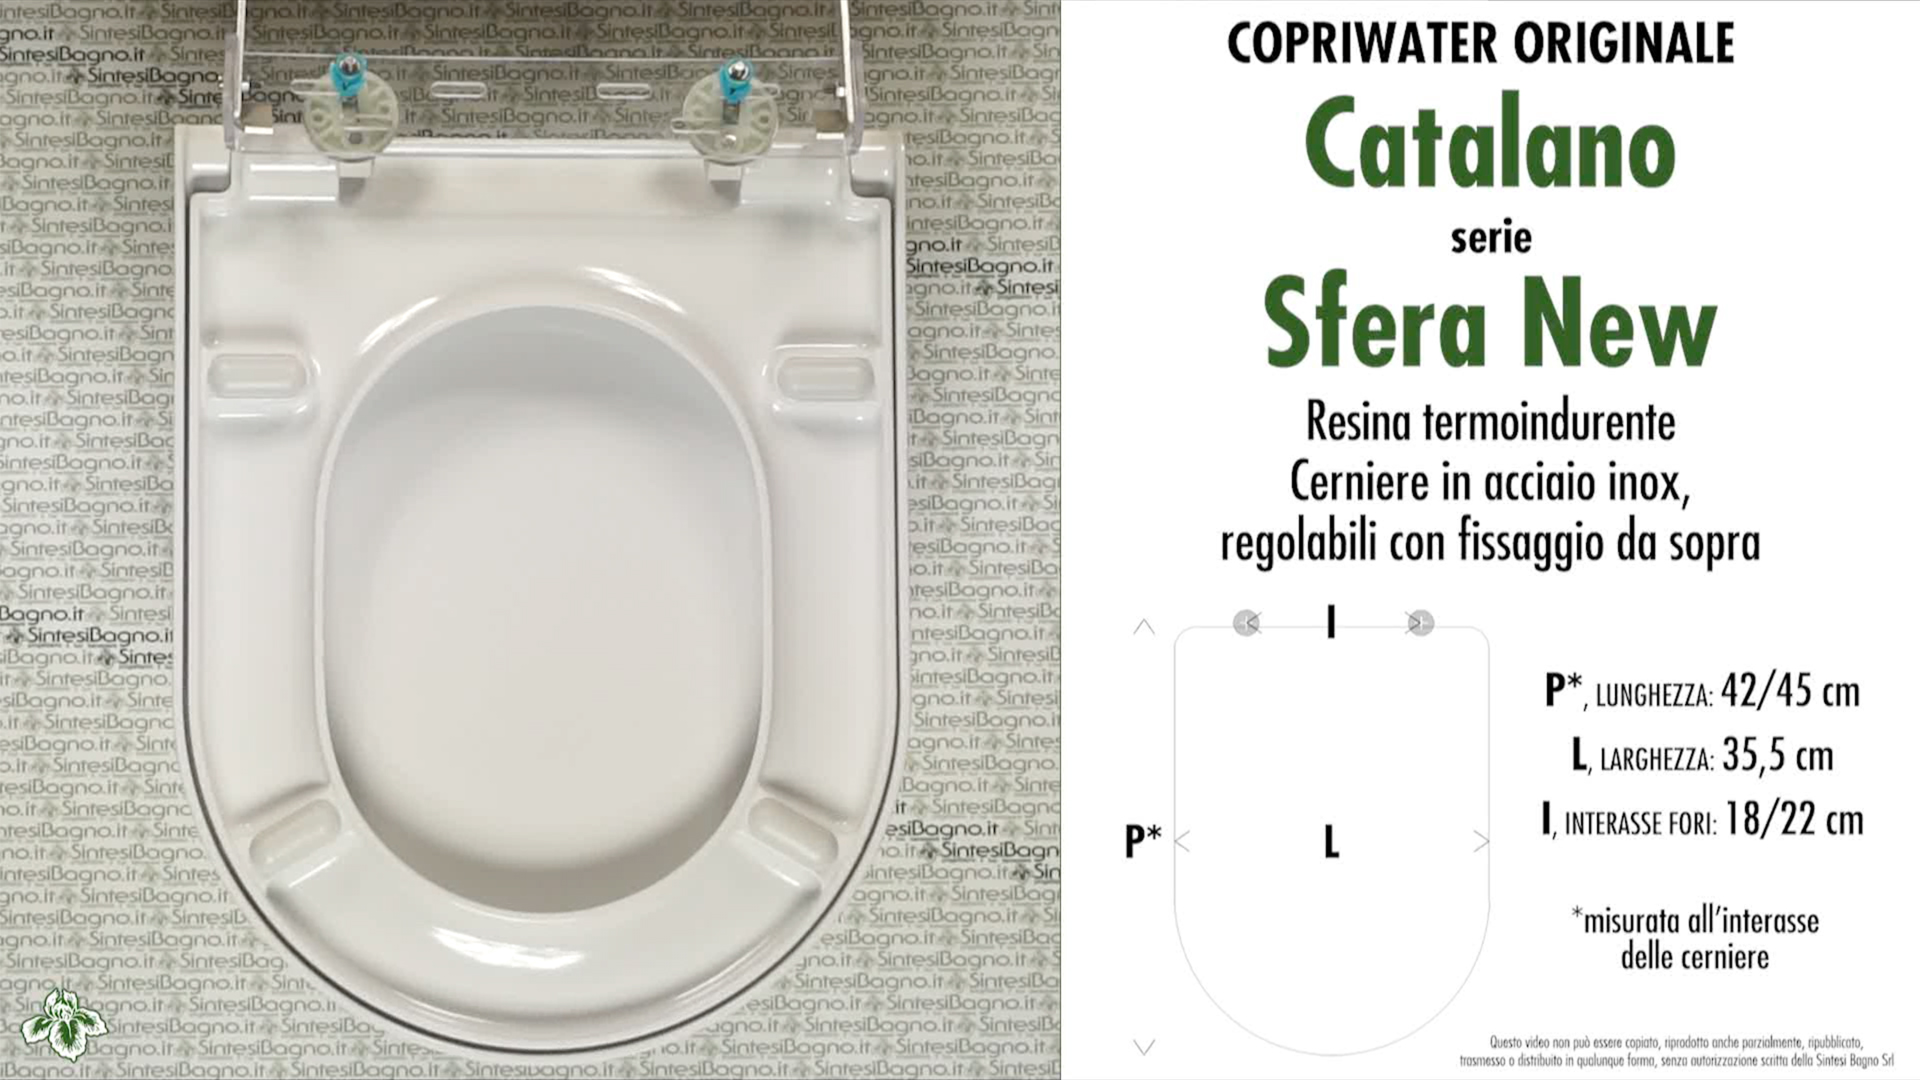 SCHEDA TECNICA MISURE copriwater CATALANO SFERA TIPO NUOVO